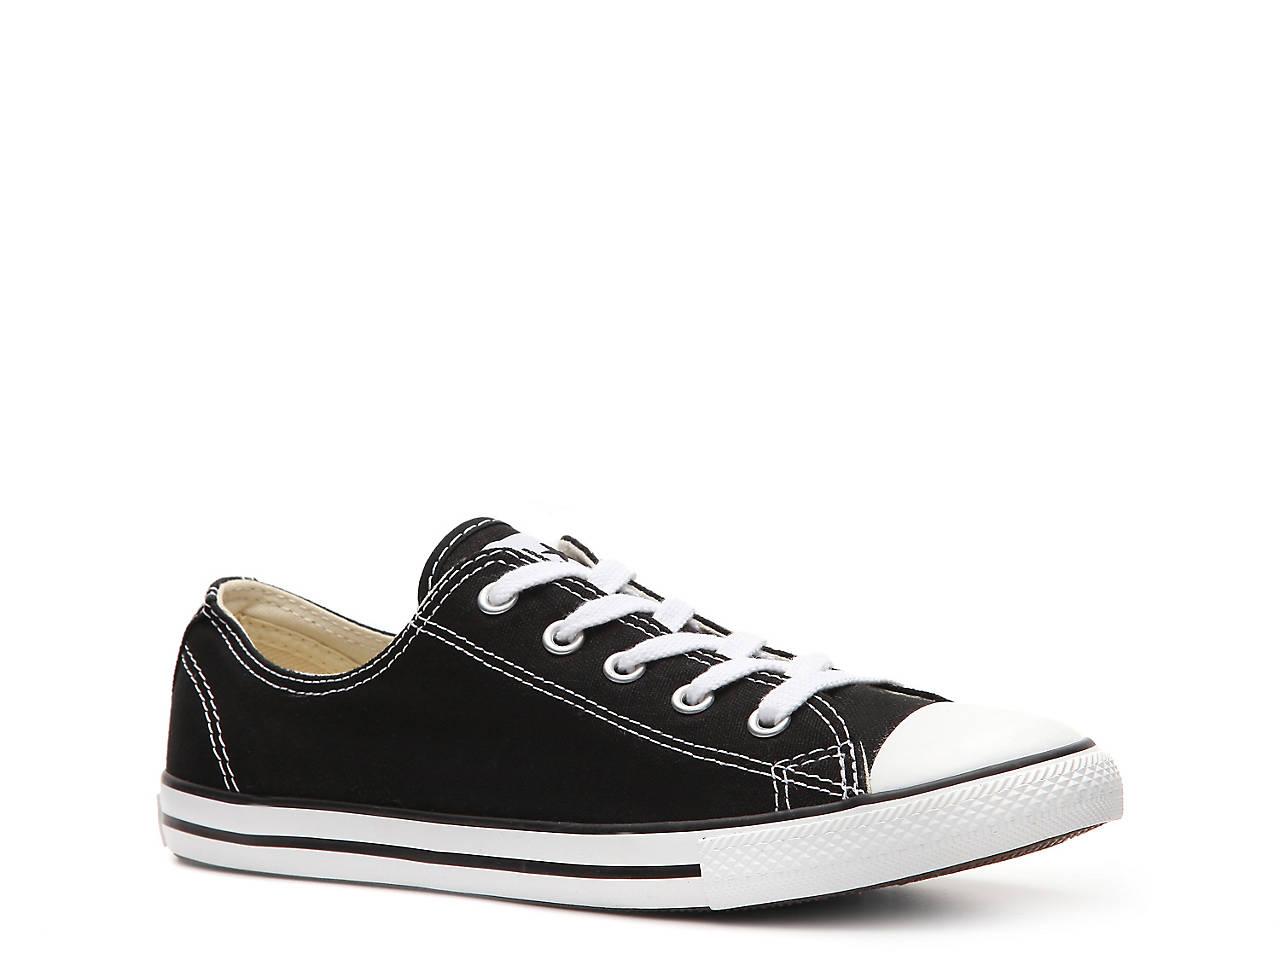 881f383358ba Converse Chuck Taylor All Star Dainty Sneaker - Women s Women s ...